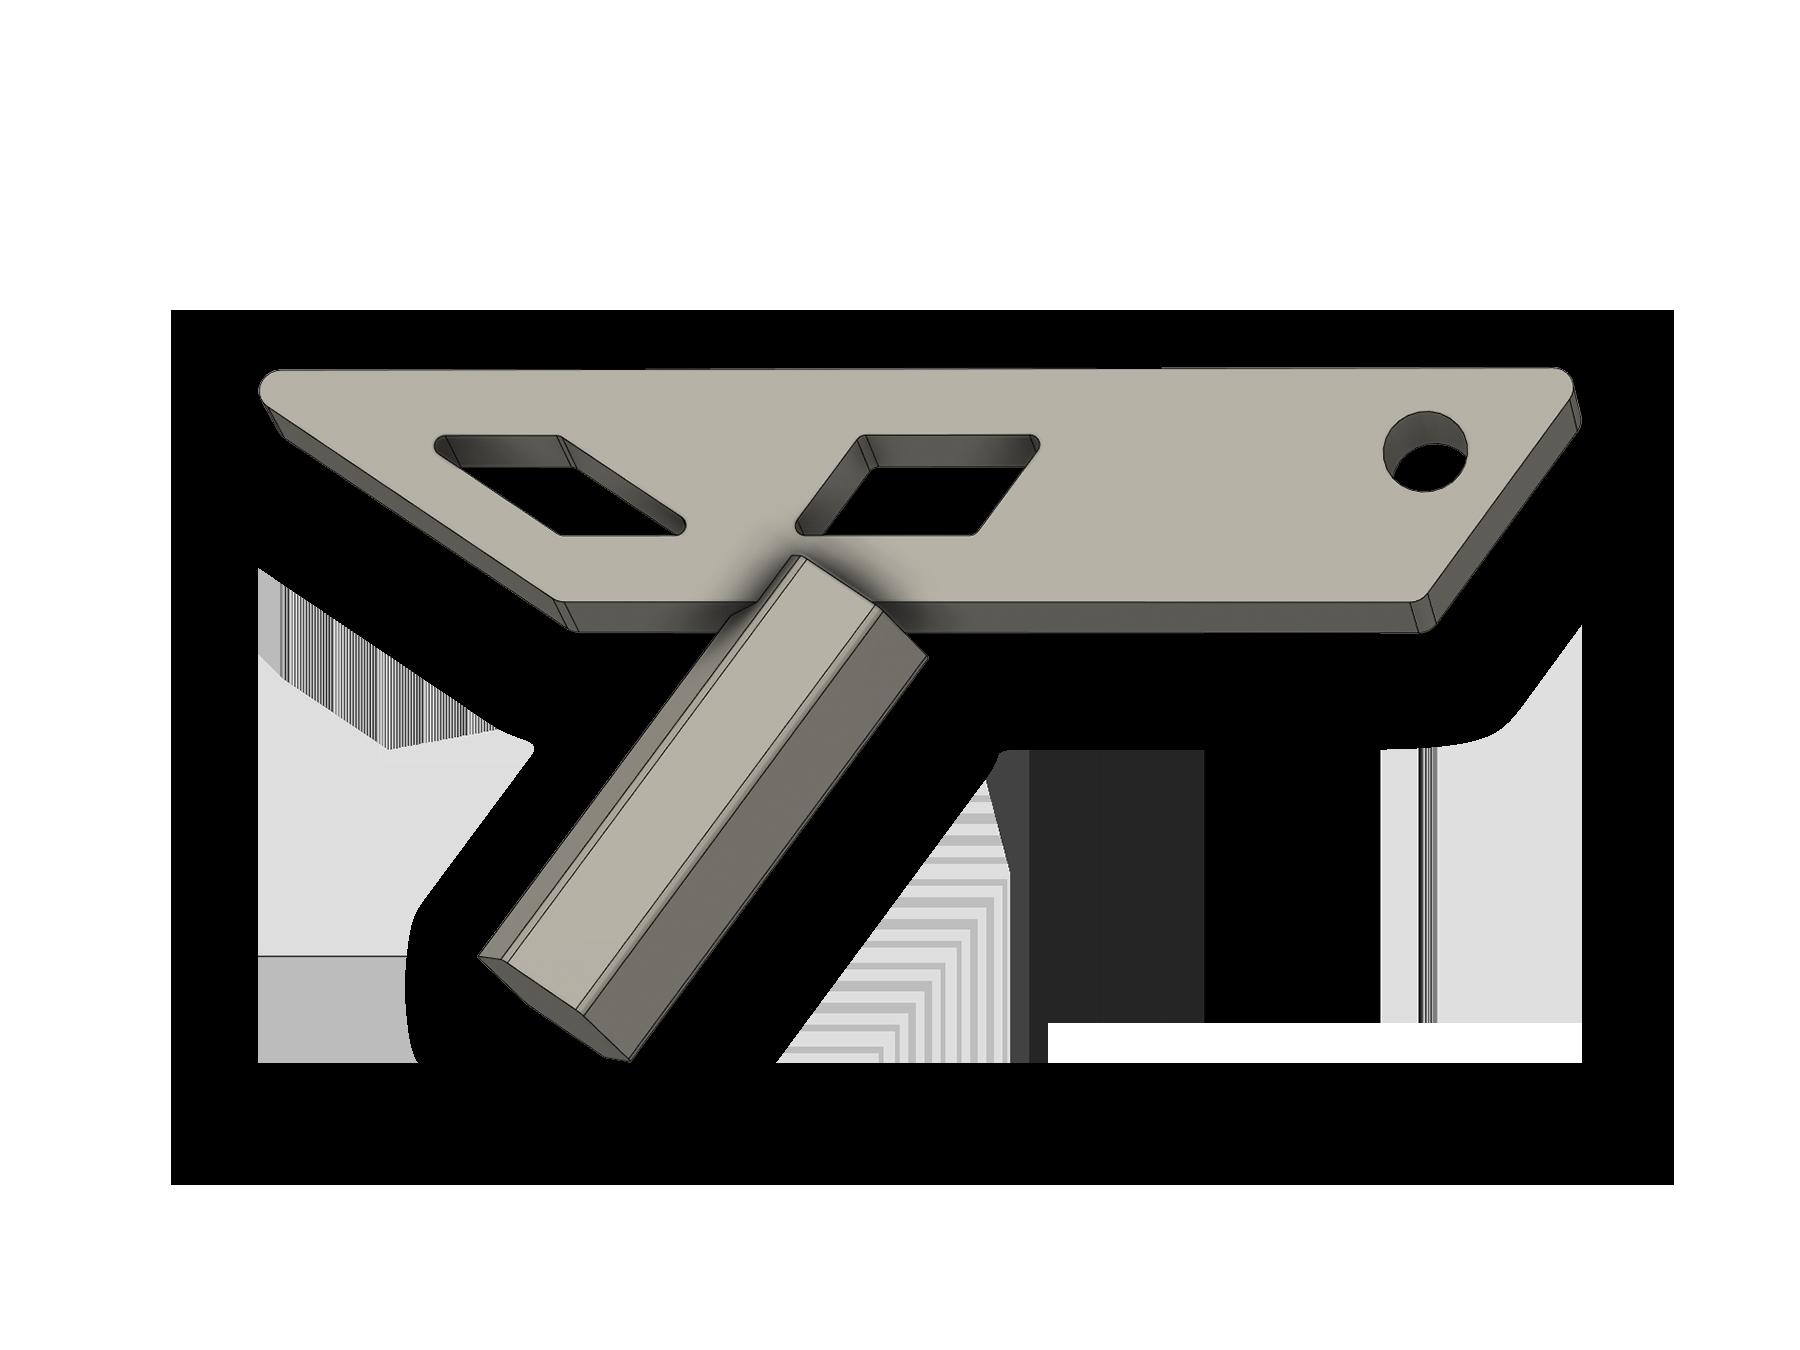 Sleutel_BeeldMateriaal_2_(simpel-model)-transparant